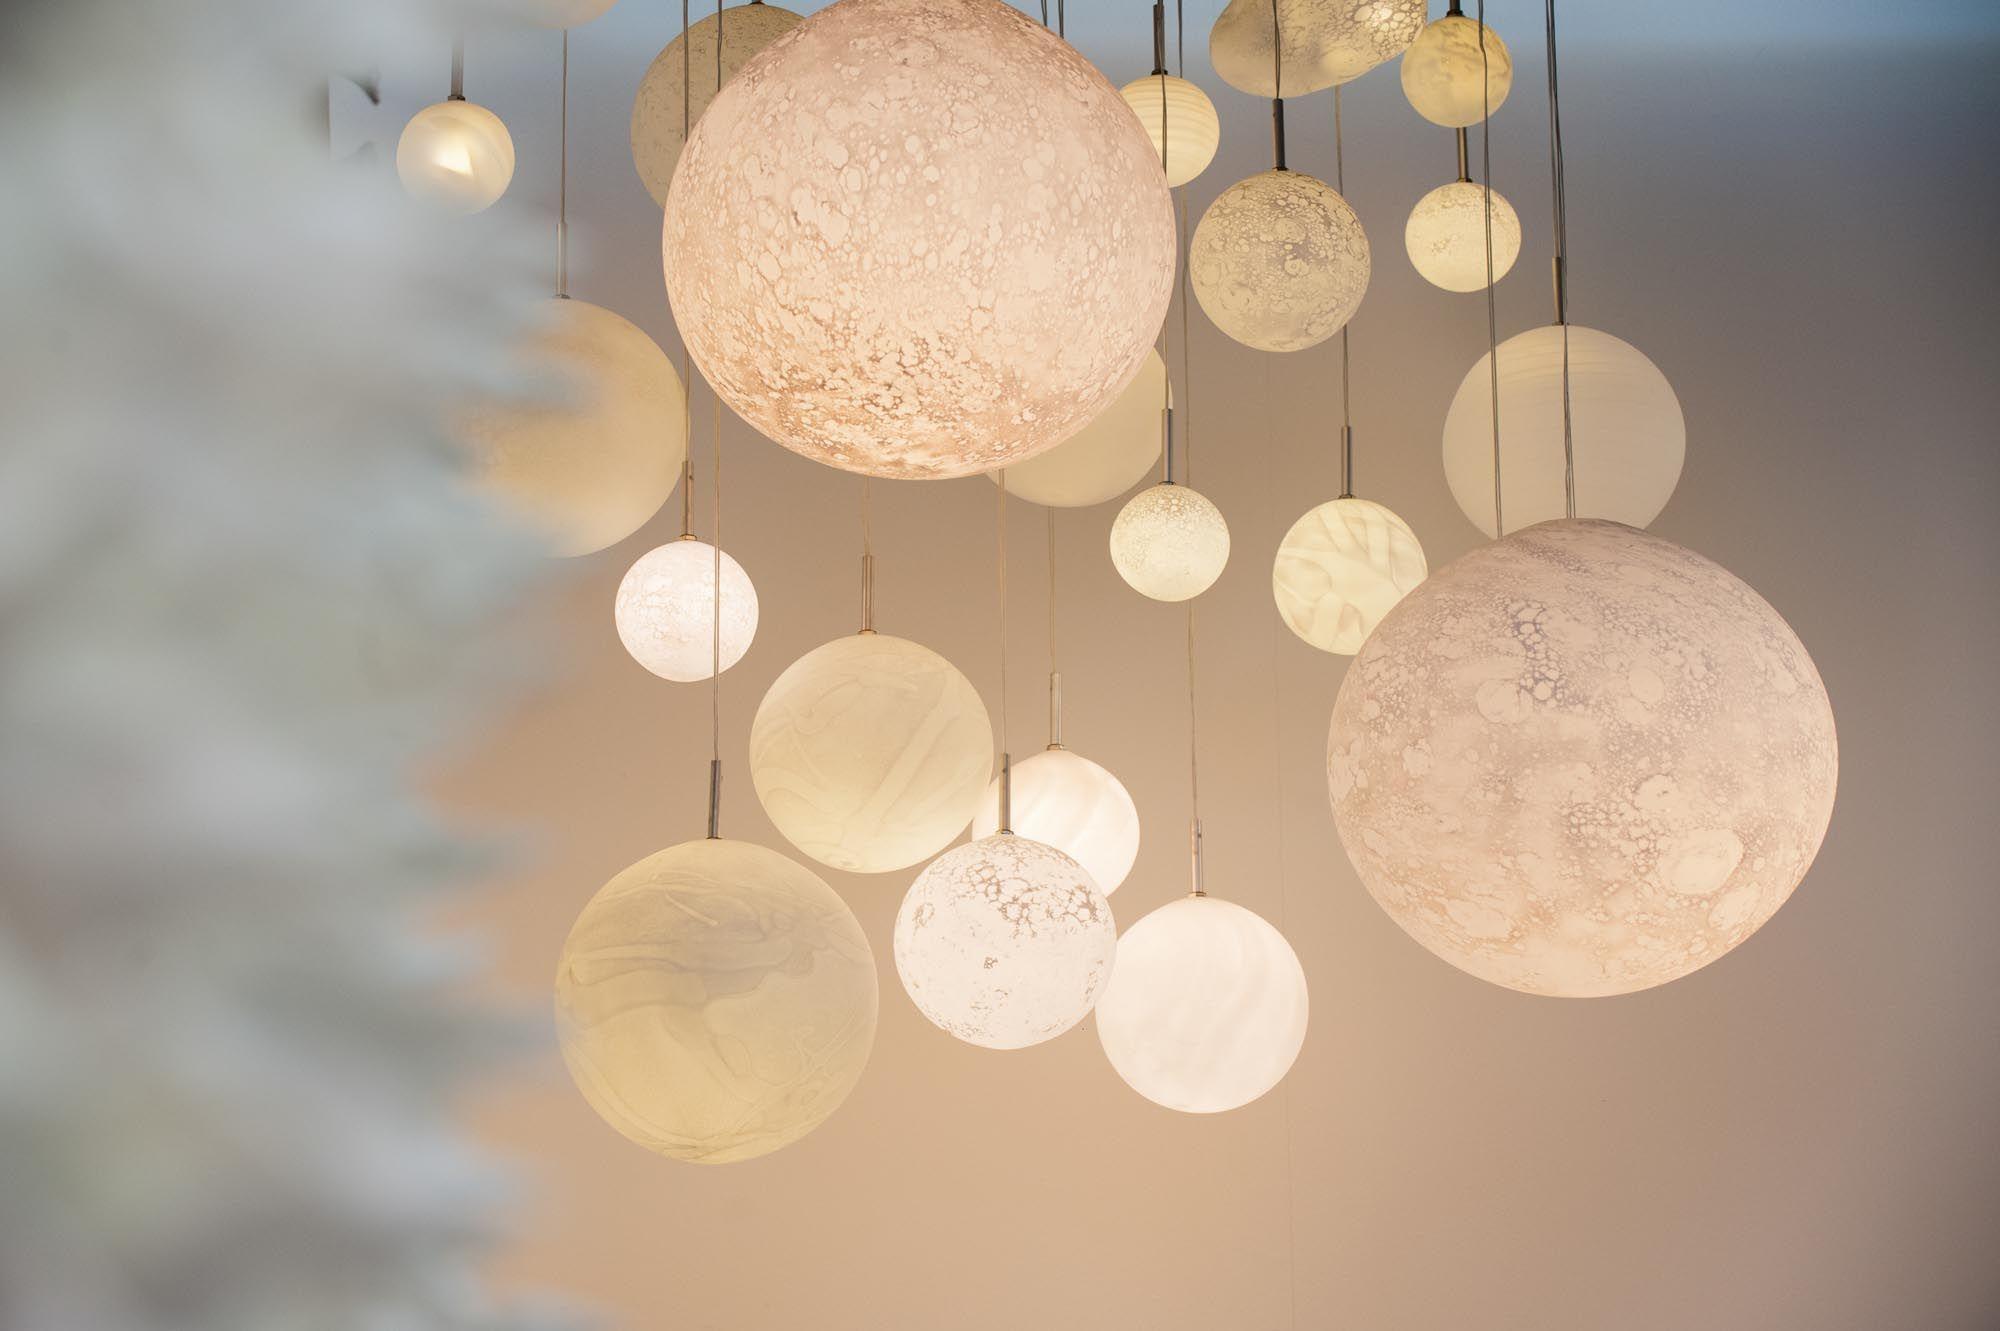 Planetes Lustre Et Suspension Semeur D Etoiles Creation Lumineuses Paris Luminaire Chambre Bebe Luminaire Chambre Lustre Chambre Bebe